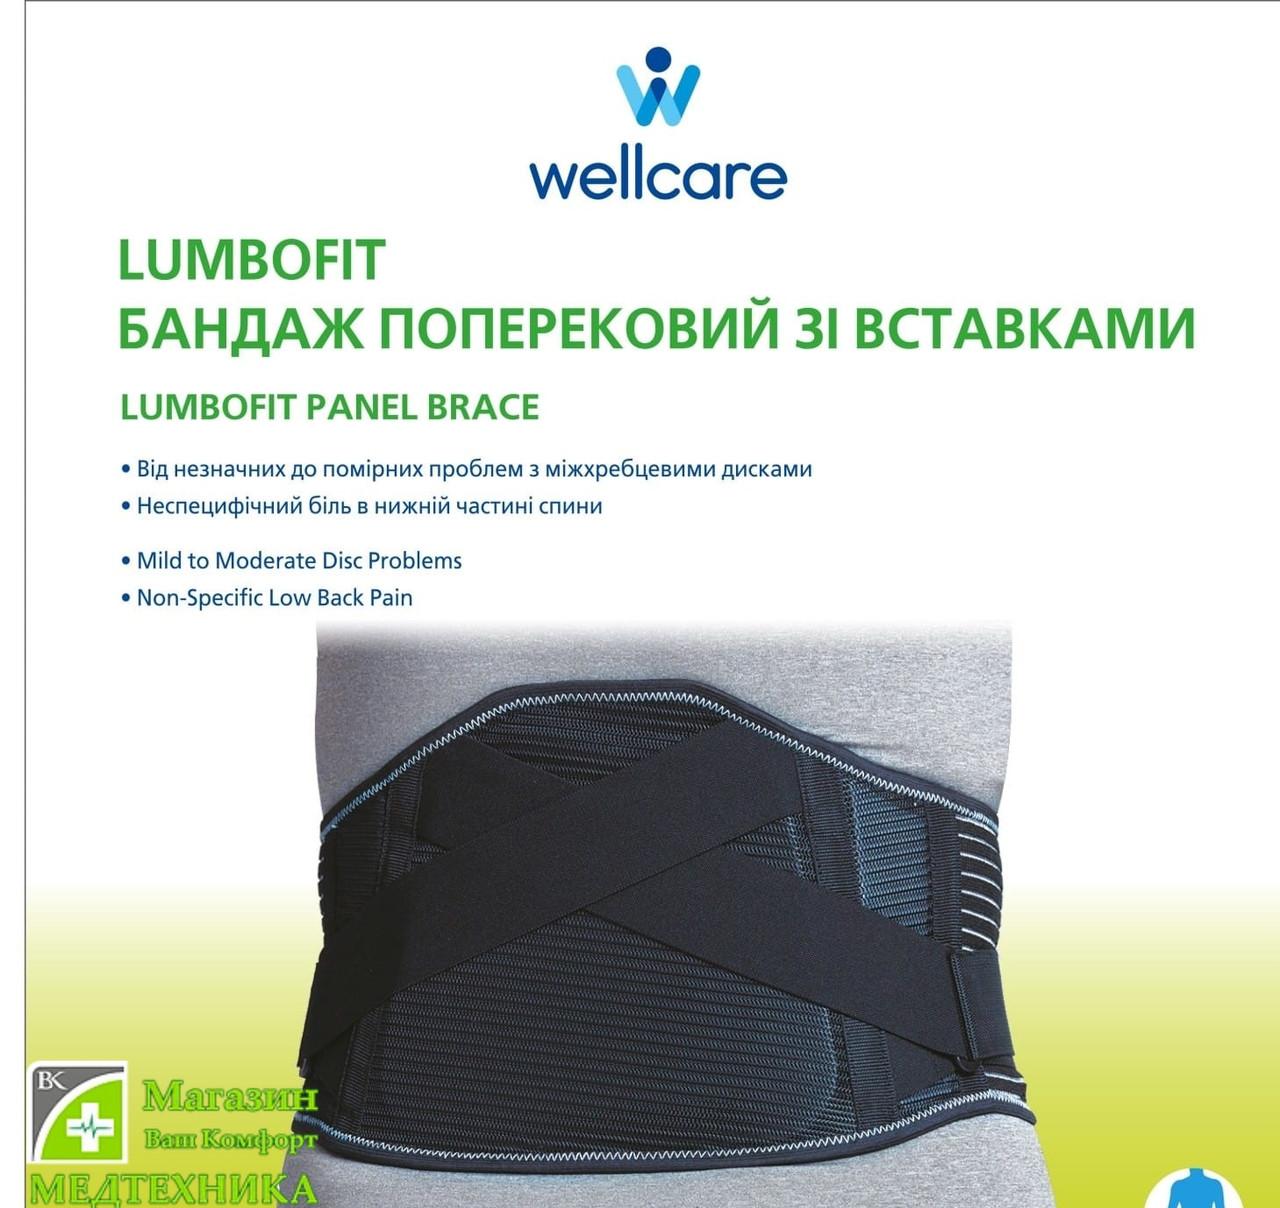 Бандаж поясничный WellCare (ВеллКеа) со вставками модель 23603 Lumbofit (Лумбофит)